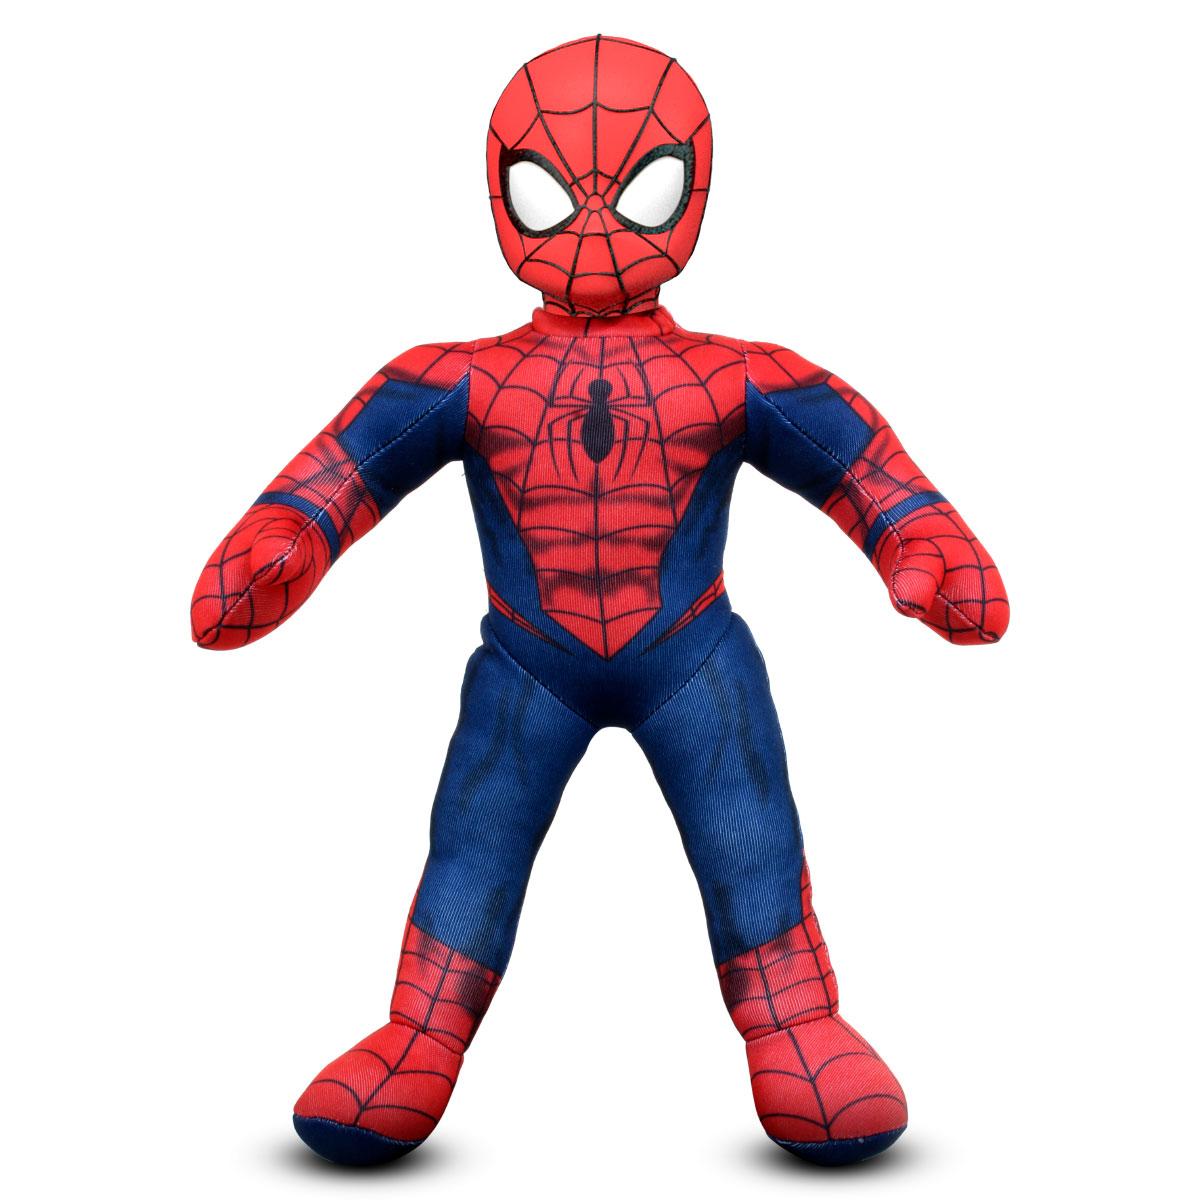 Boneco Homem Aranha - Sula Toys